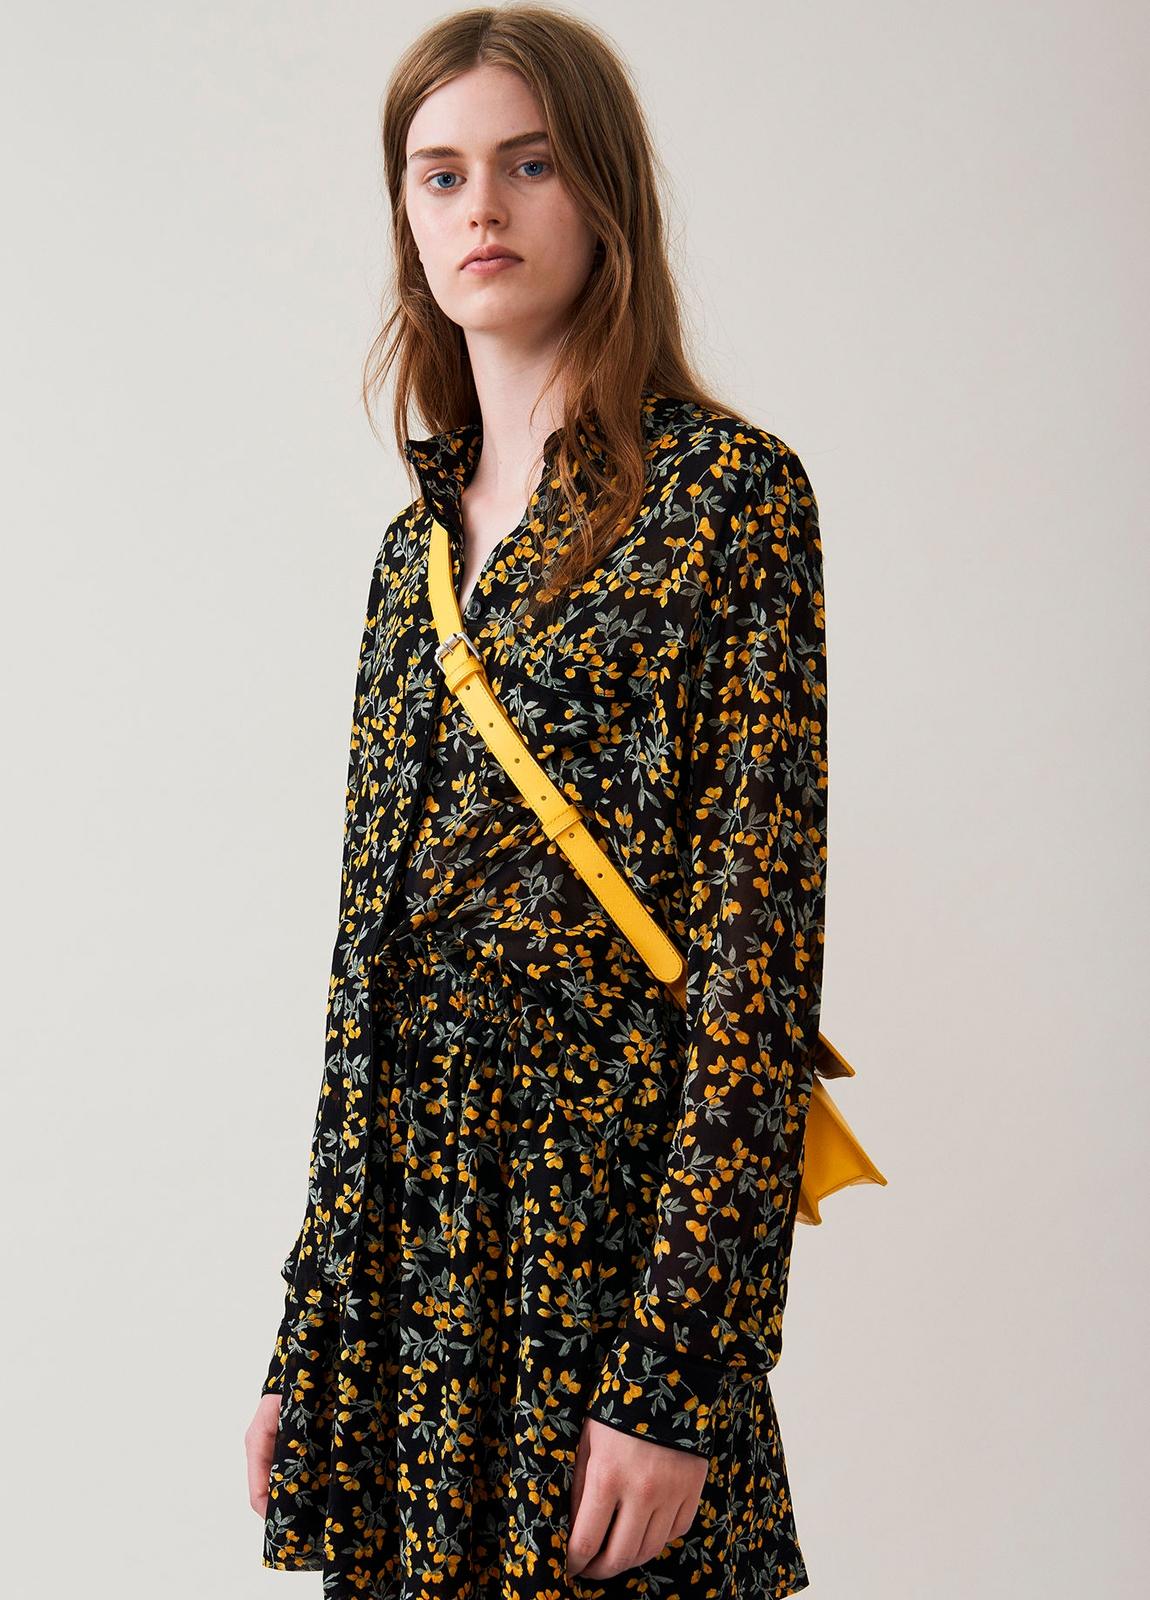 Falda corta plisada con cintura elástica color negro con estampado floral. 100% Viscosa. - Ítem2